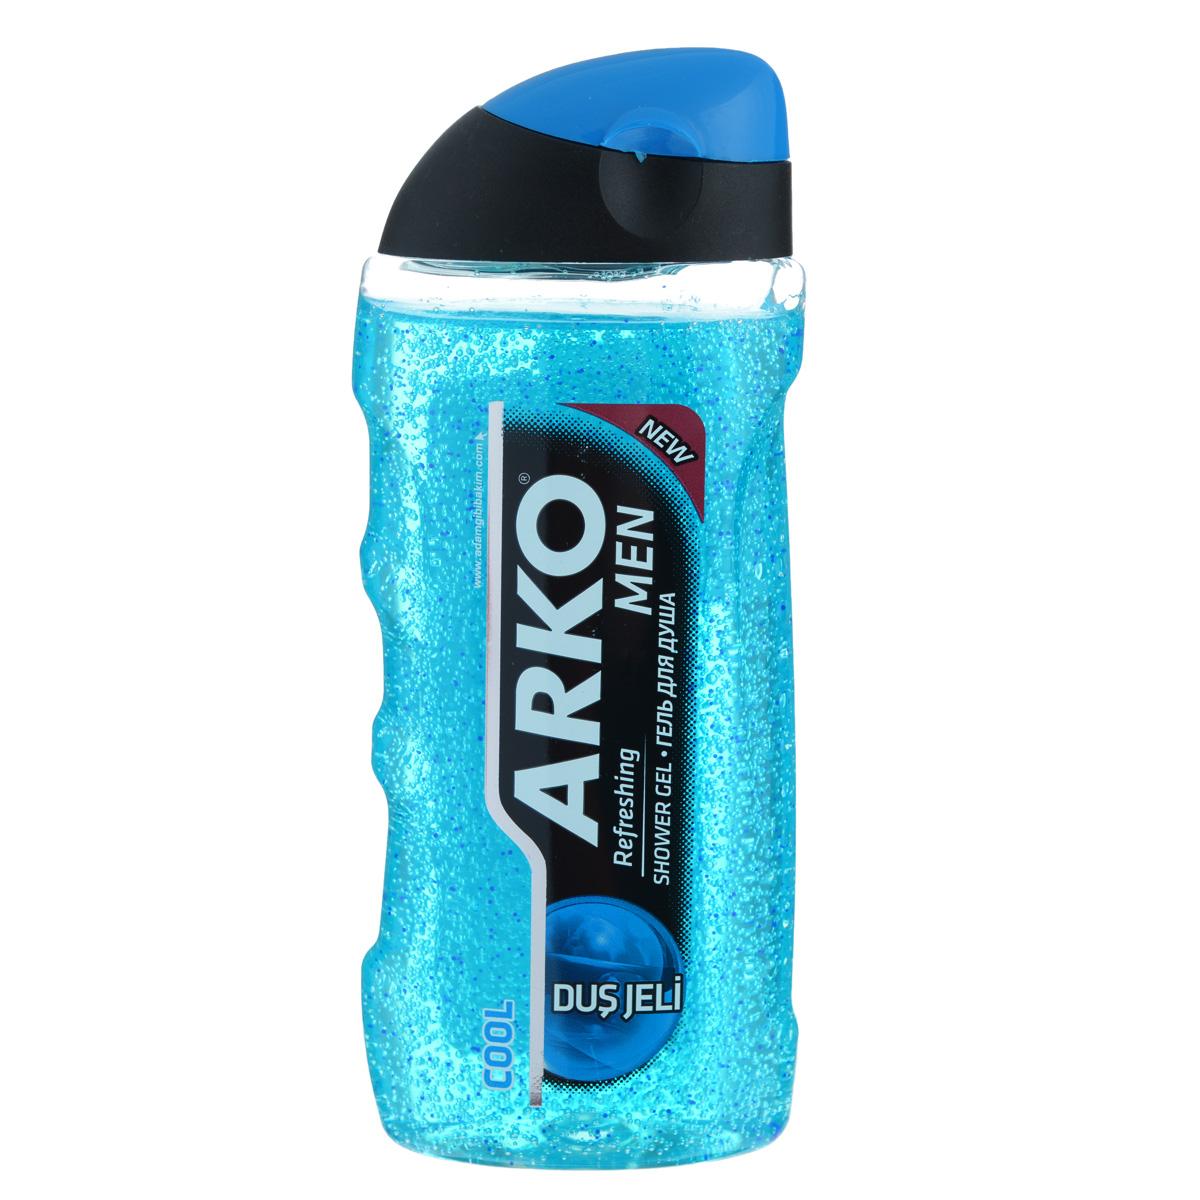 Arko MEN Гель для душа Cool 250 мл800563123Современное средство гигиены и ухода за кожей. Гели содержат натуральные ингредиенты, такие как морские минералы, экстракт сандалового дерева и алоэ вера, которые ухаживают за кожей. Также гели для душа ARKO MEN обладают дезодорирующим эффектом.